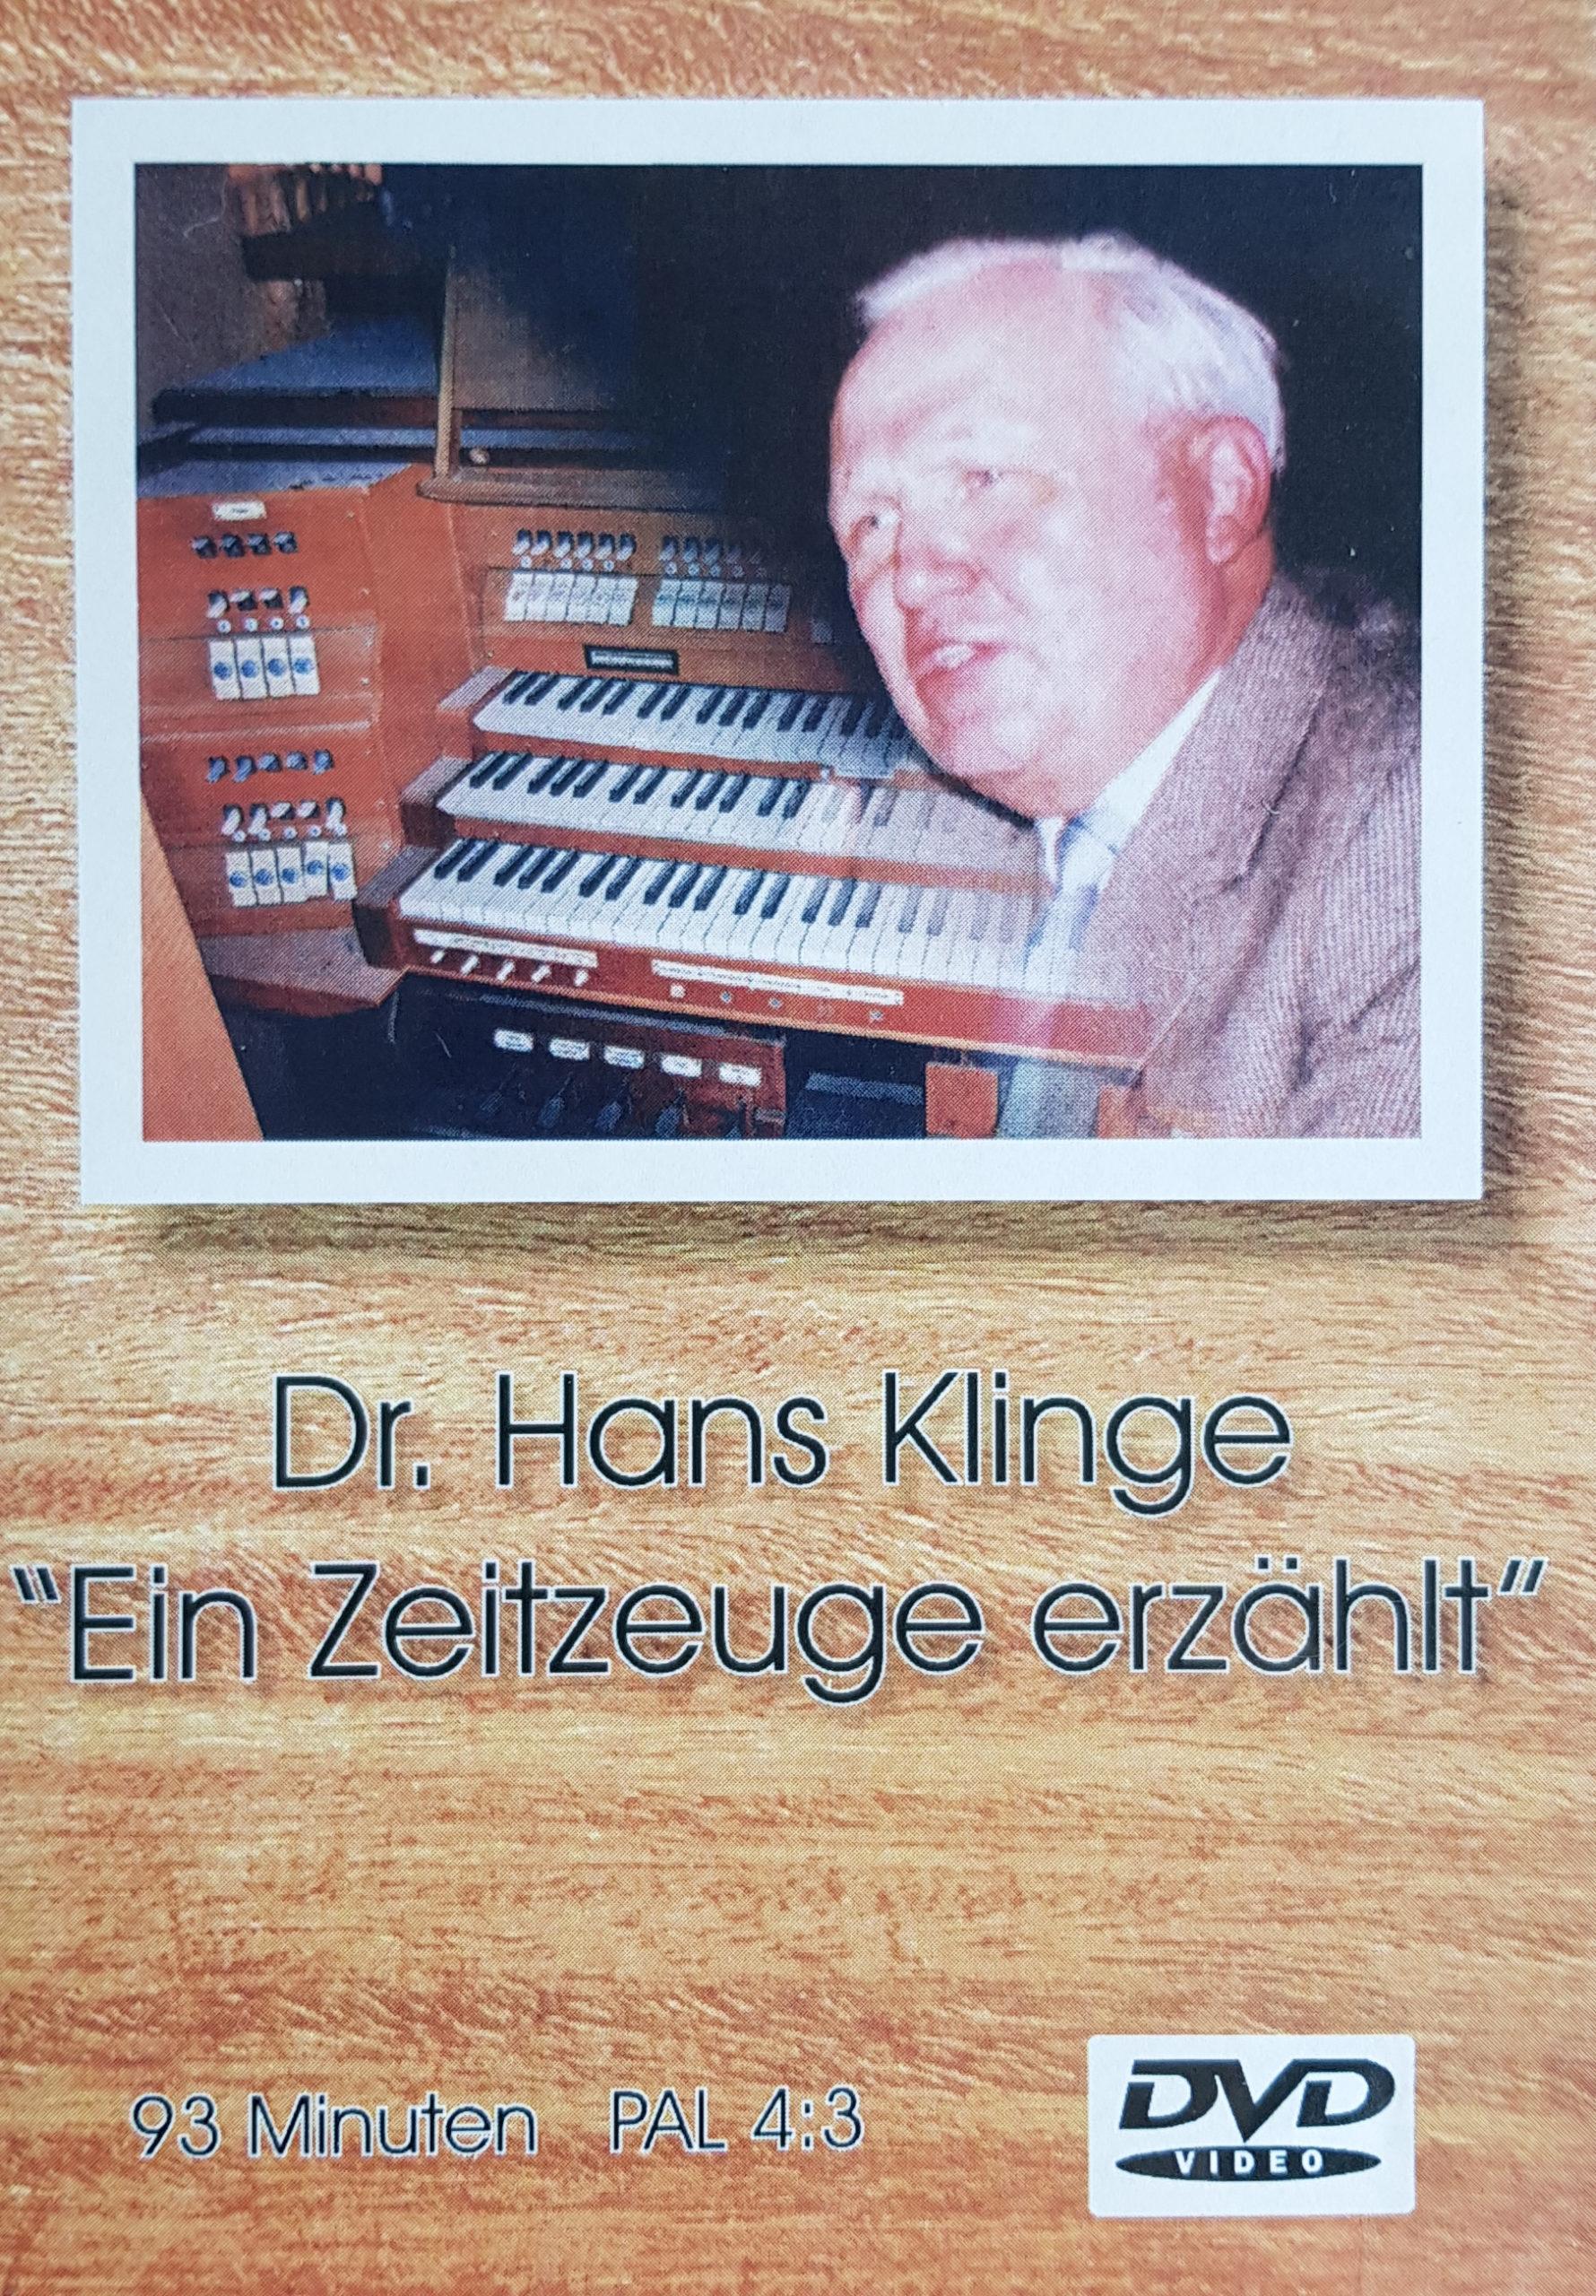 Dr. Hans Klinge